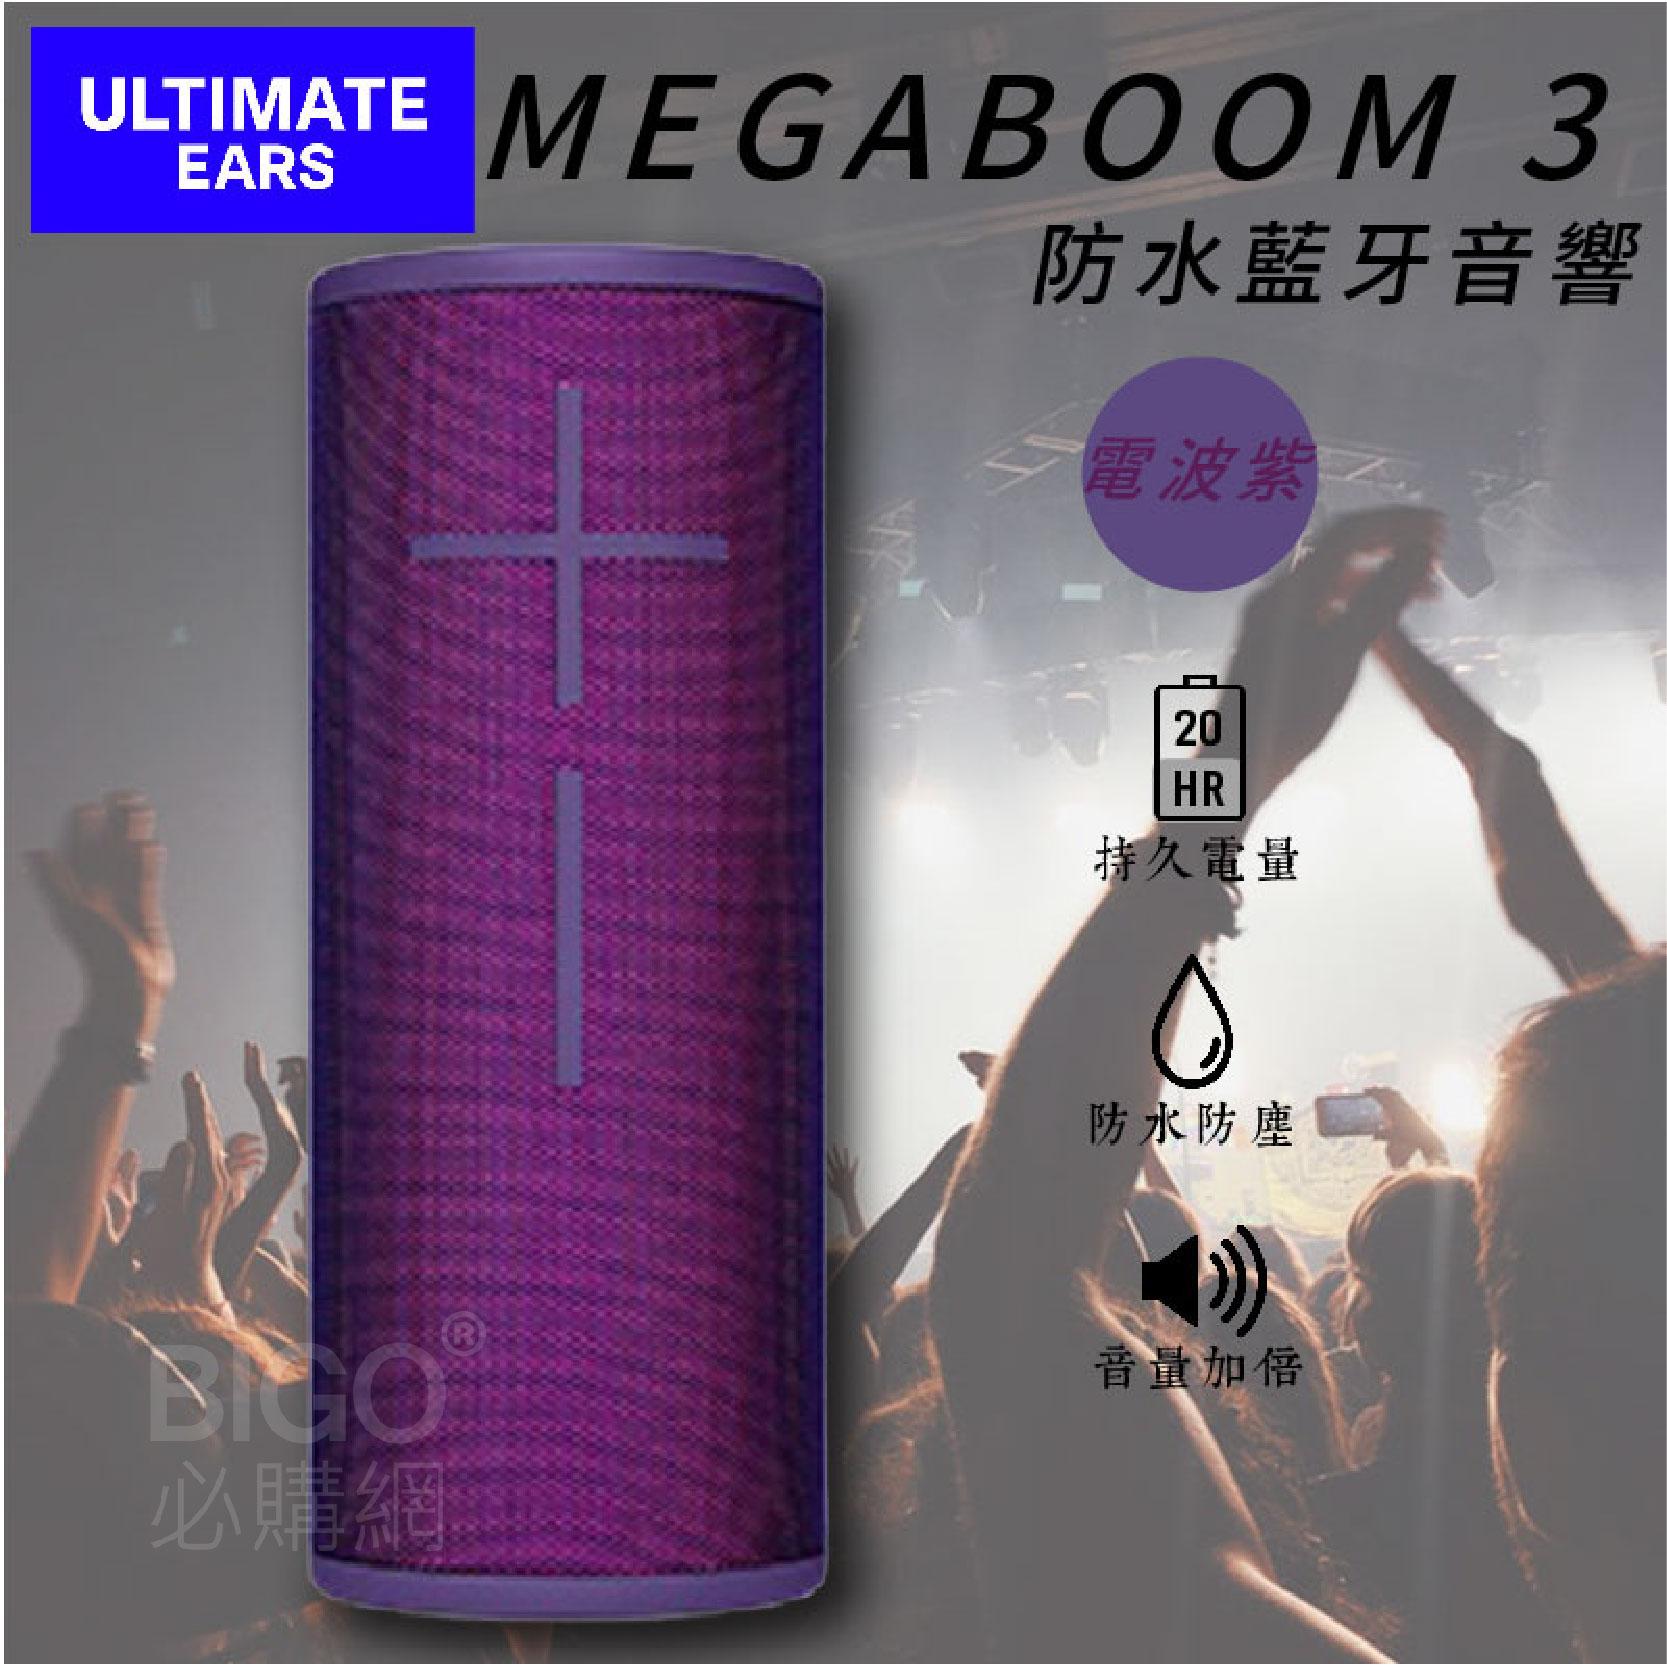 超大音量美國UE MEGABOOM3 電波紫 藍芽喇叭 防水 防塵 可浮水  IP67 音量增強 操作簡易 無線